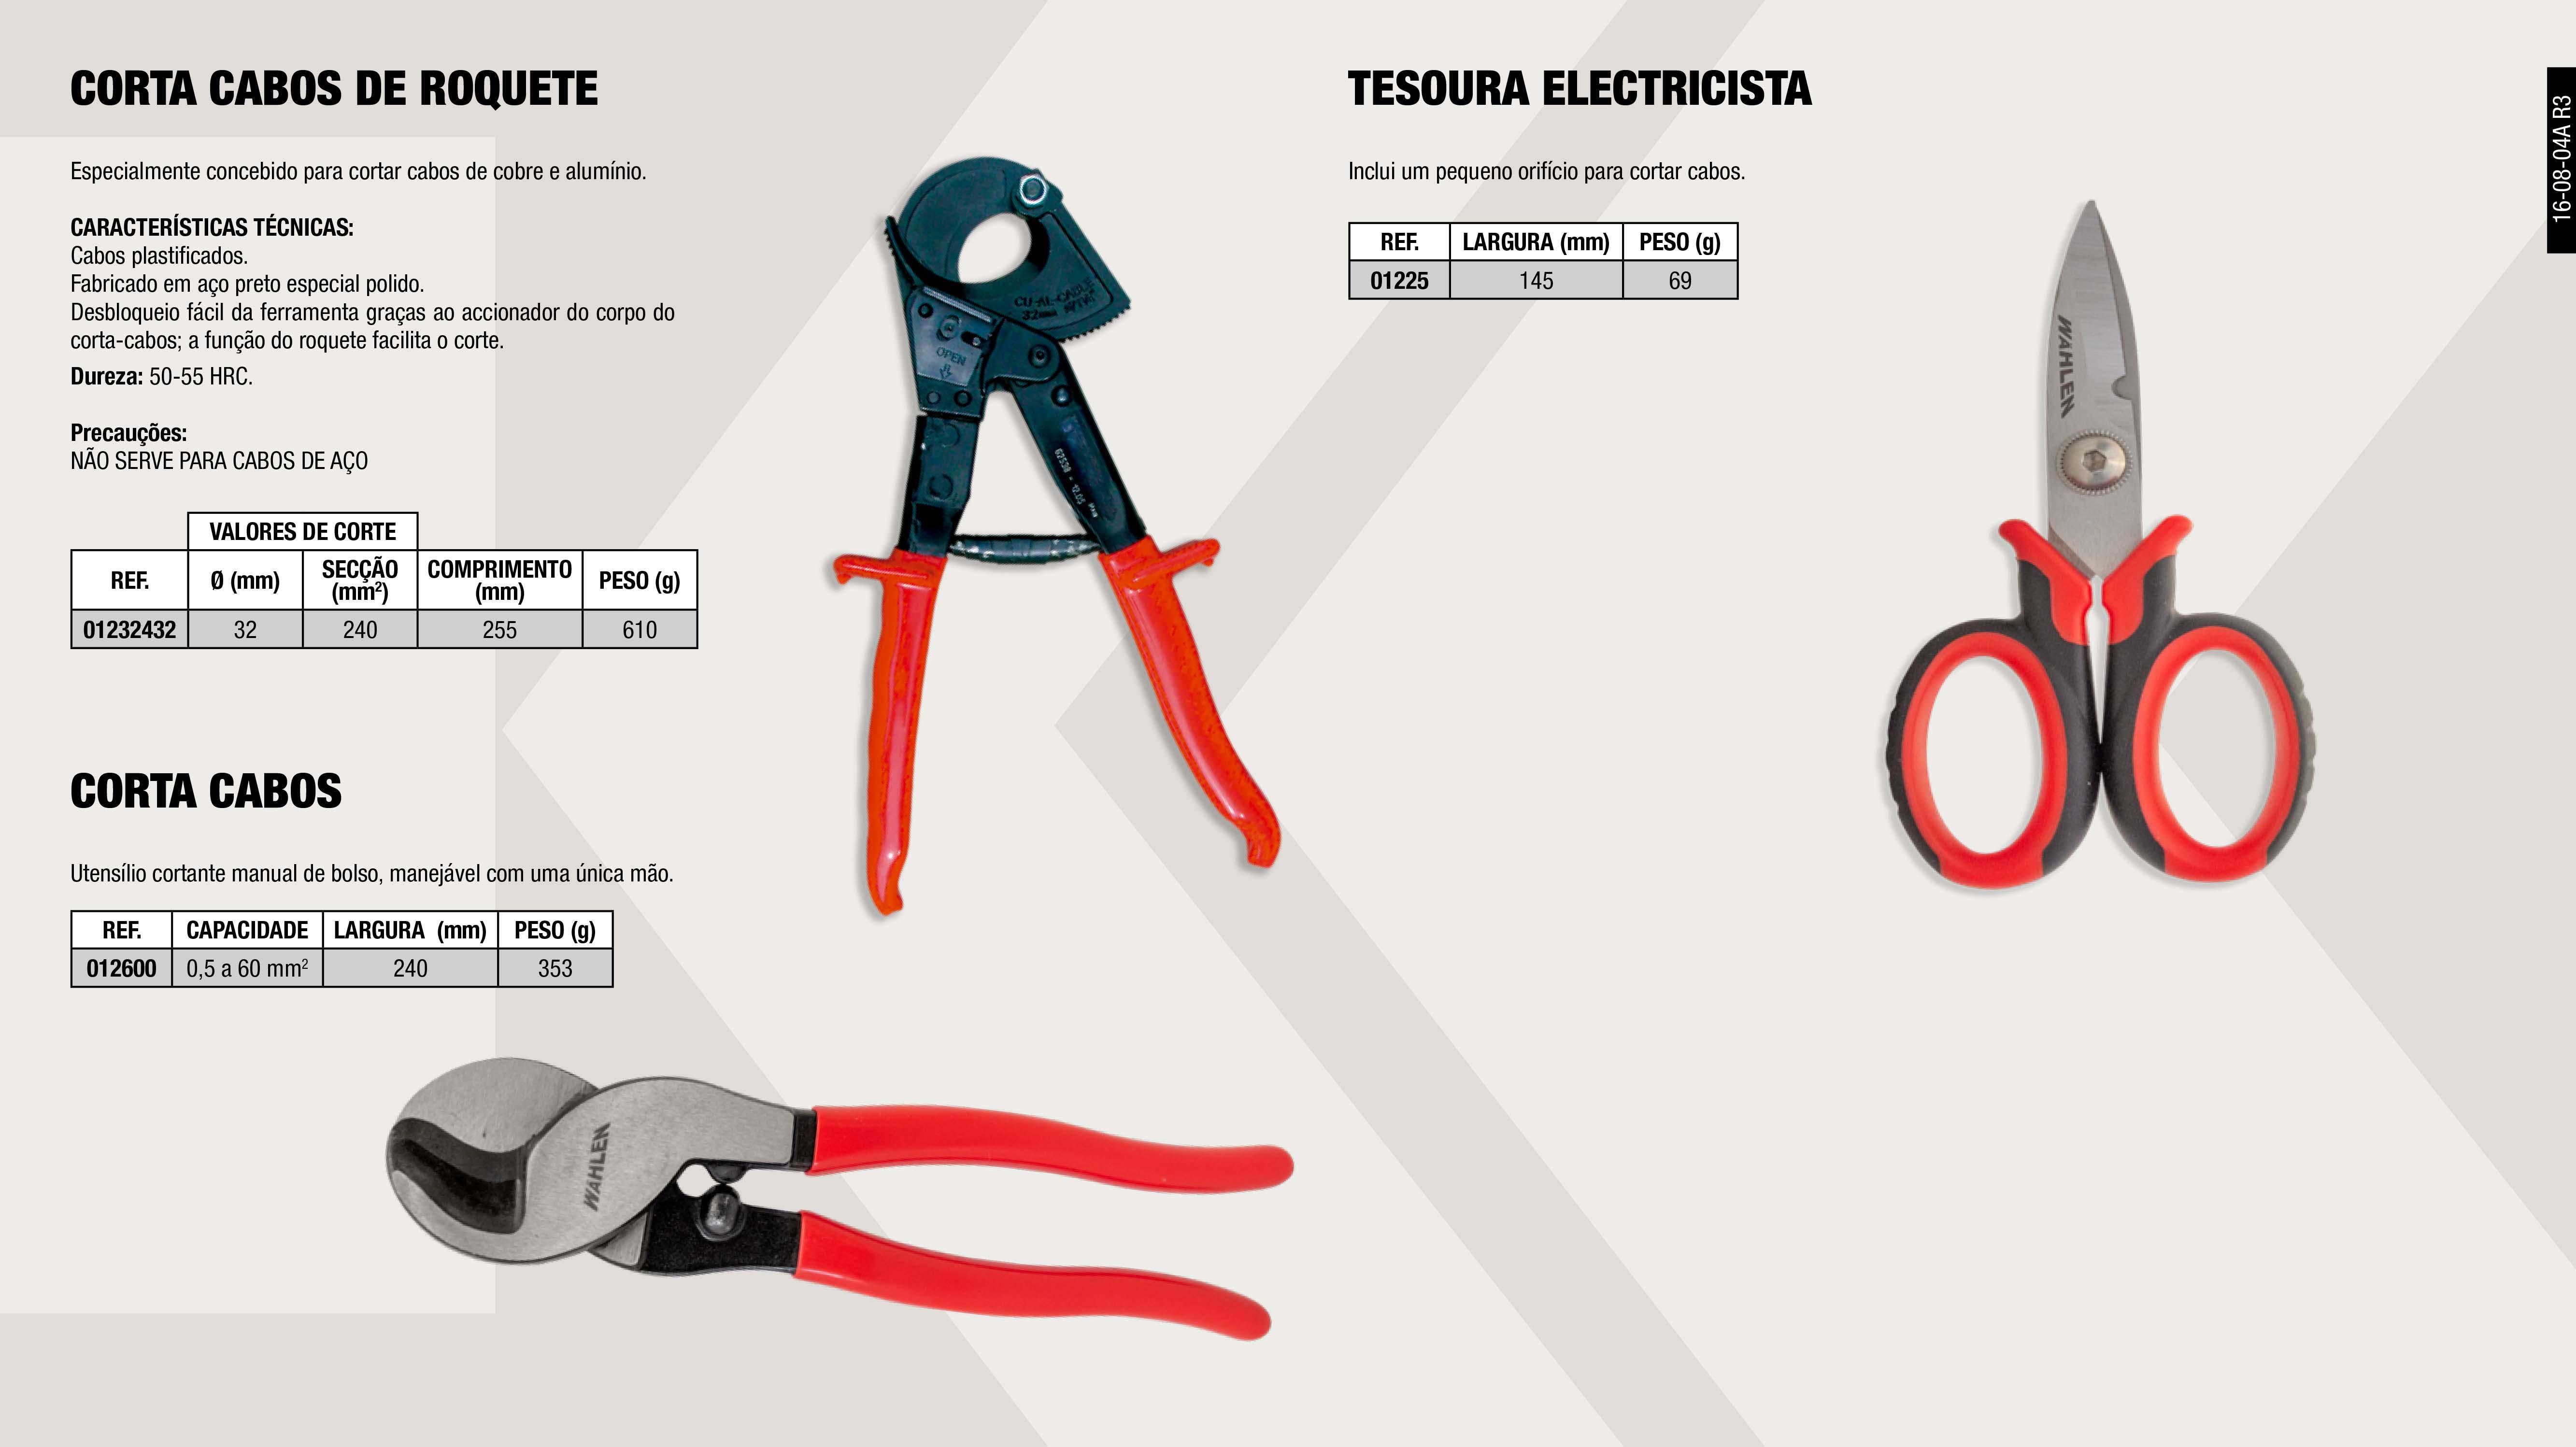 CORTA CABO ELECTRICO                                        ,  CORTA CABOS DE ROQUETE                                      ,  DESCARNA FIOS AUTOMATICO 0,2 6MM                            ,  TESOURA                                                     ,